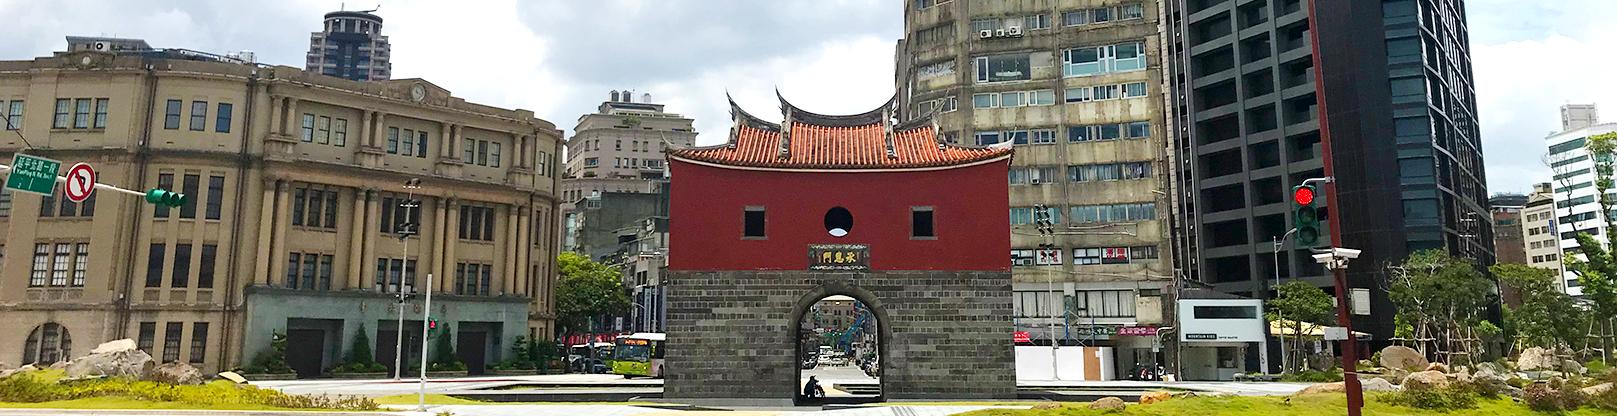 臺北府城北門街景